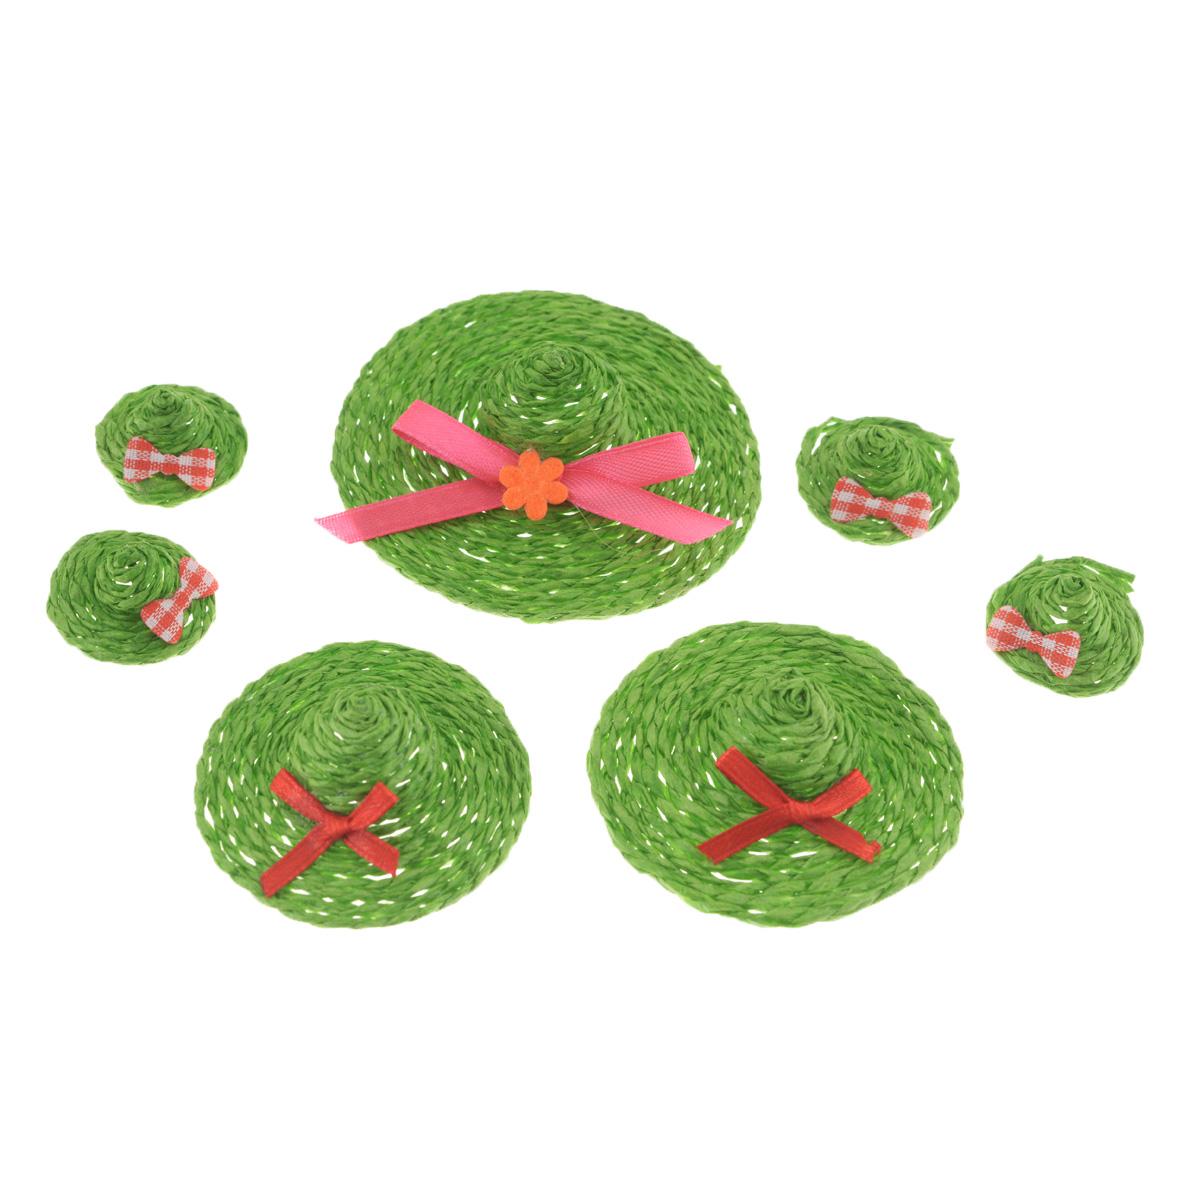 """Фото Набор декоративных украшений Home Queen """"Шляпки"""", на клейкой основе, цвет: зеленый, 7 шт. Купить  в РФ"""